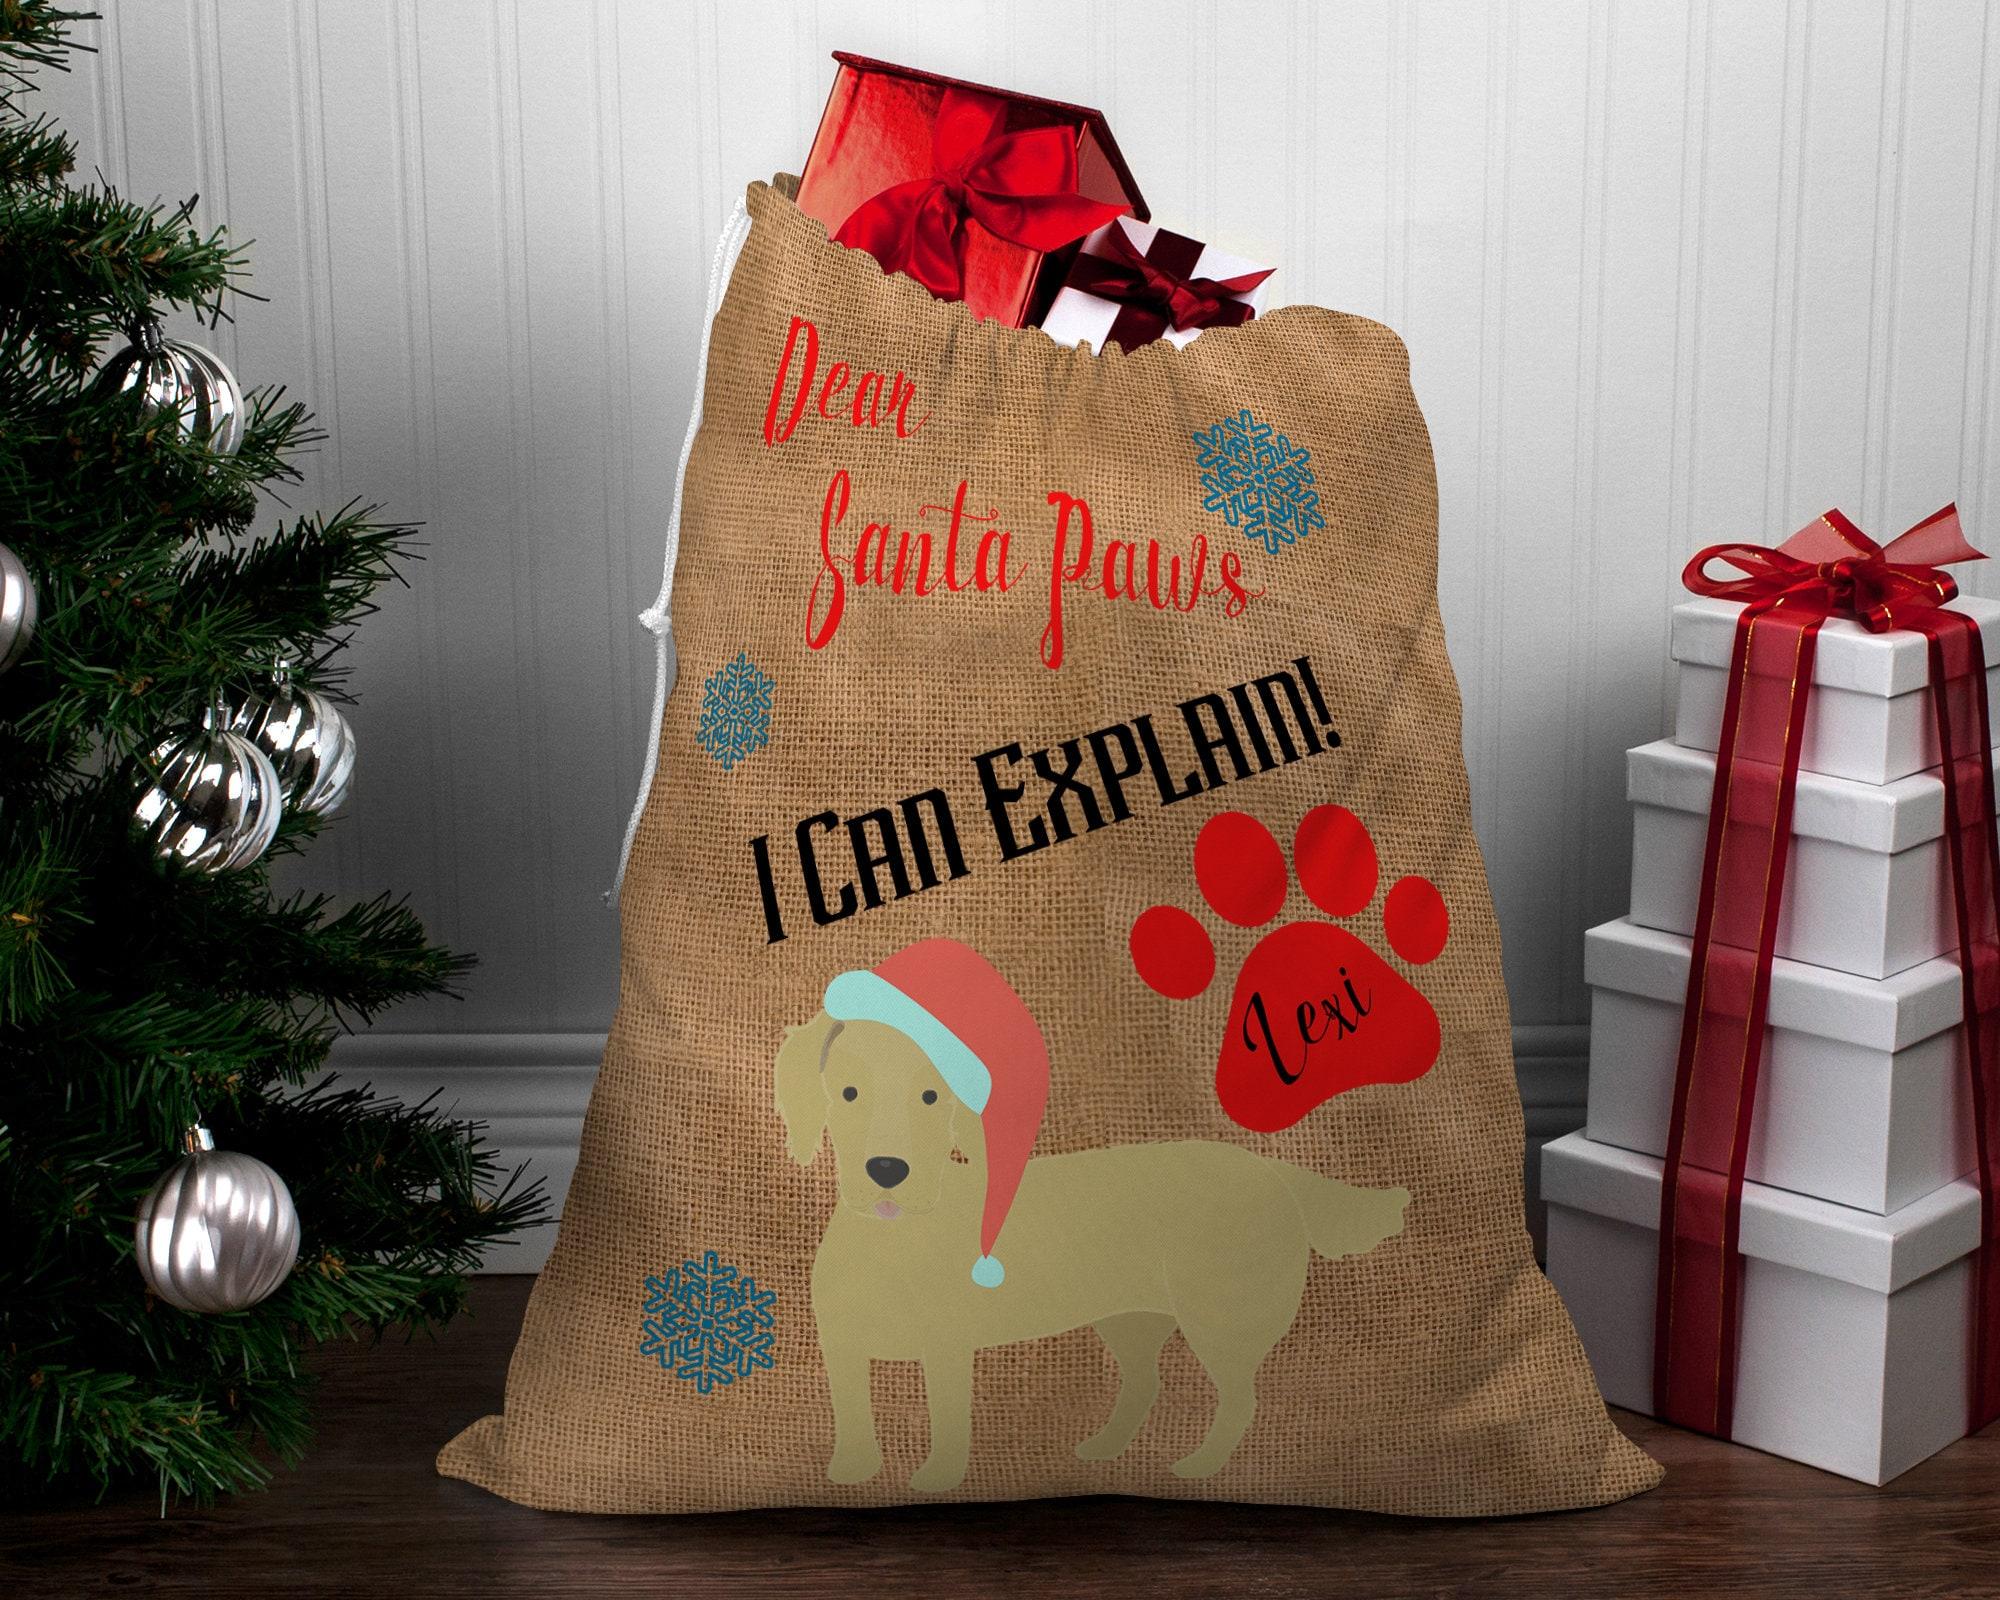 LARGE Personalized Hessian Santa Paws Sack CUSTOM NAME -